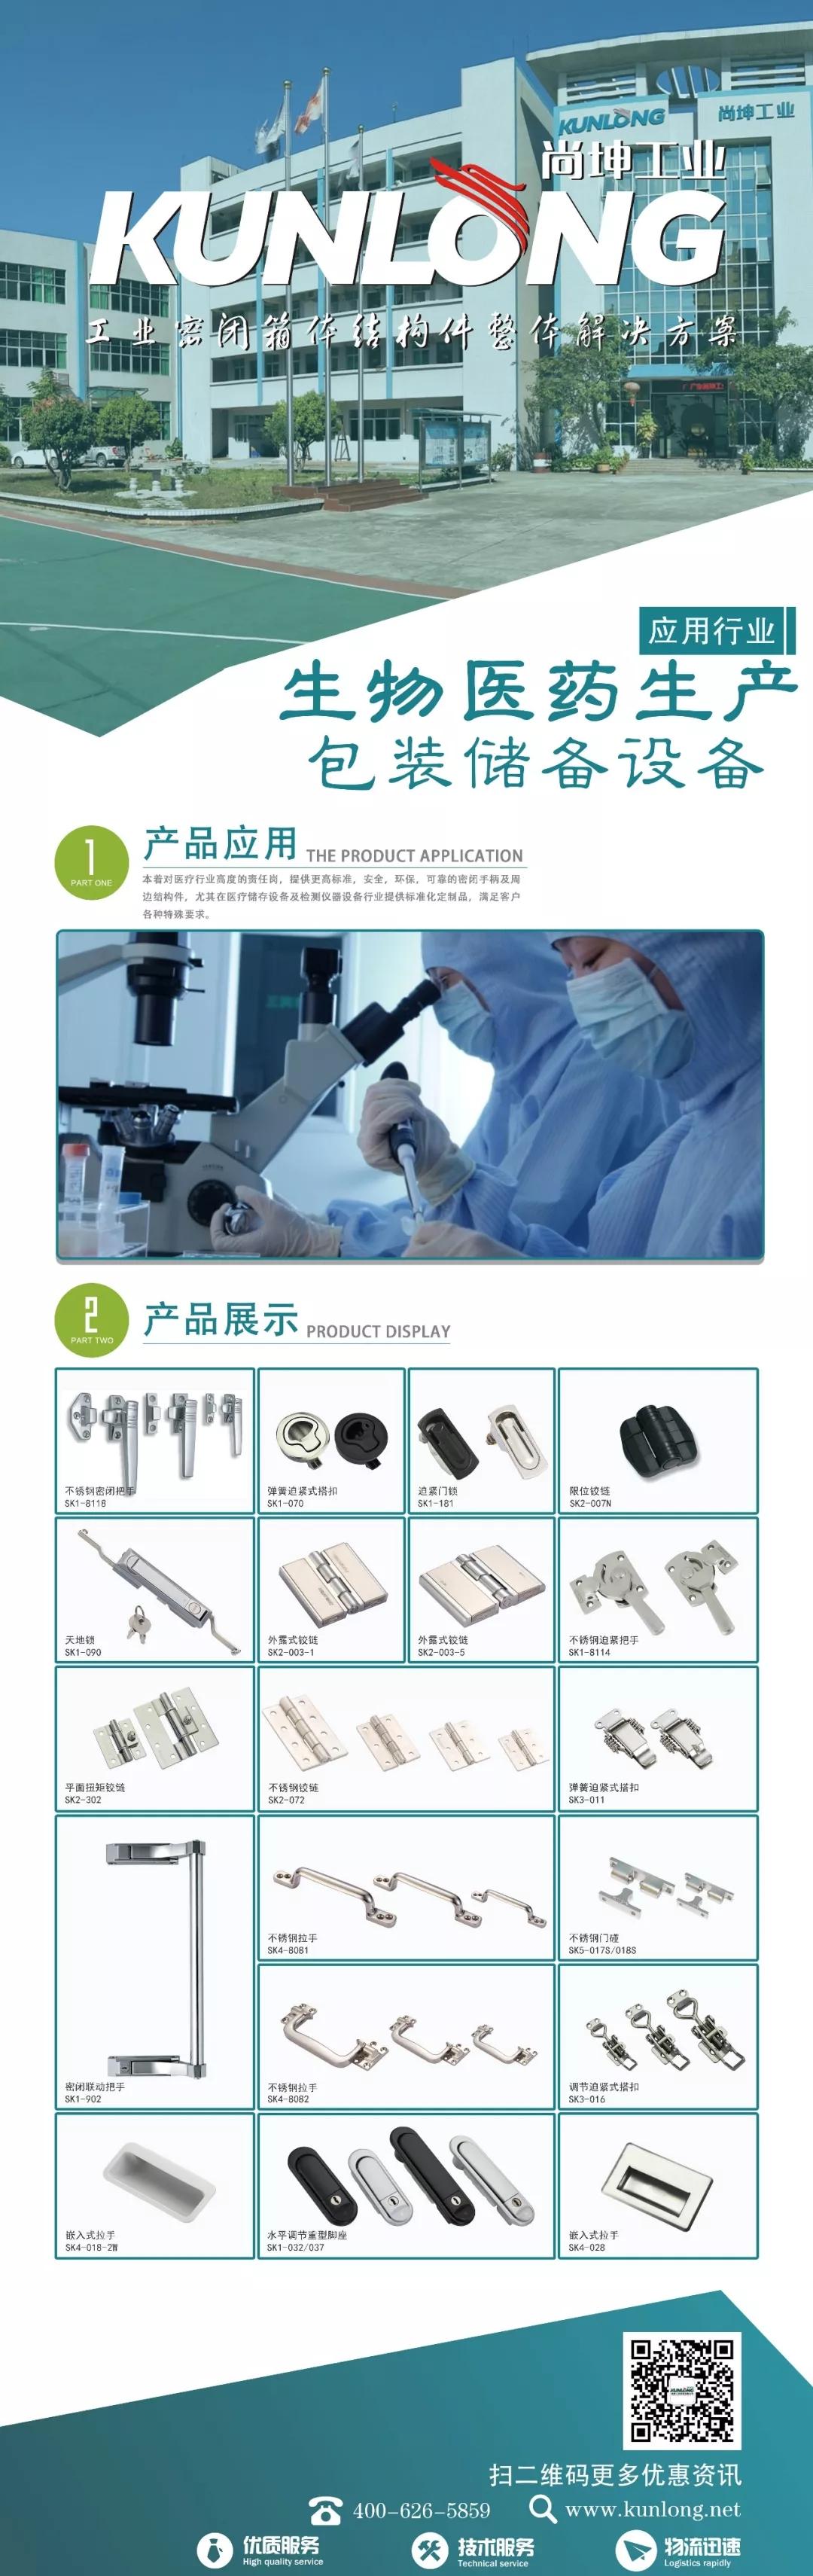 尚坤工业 生物医疗生产包装储备设备行业图